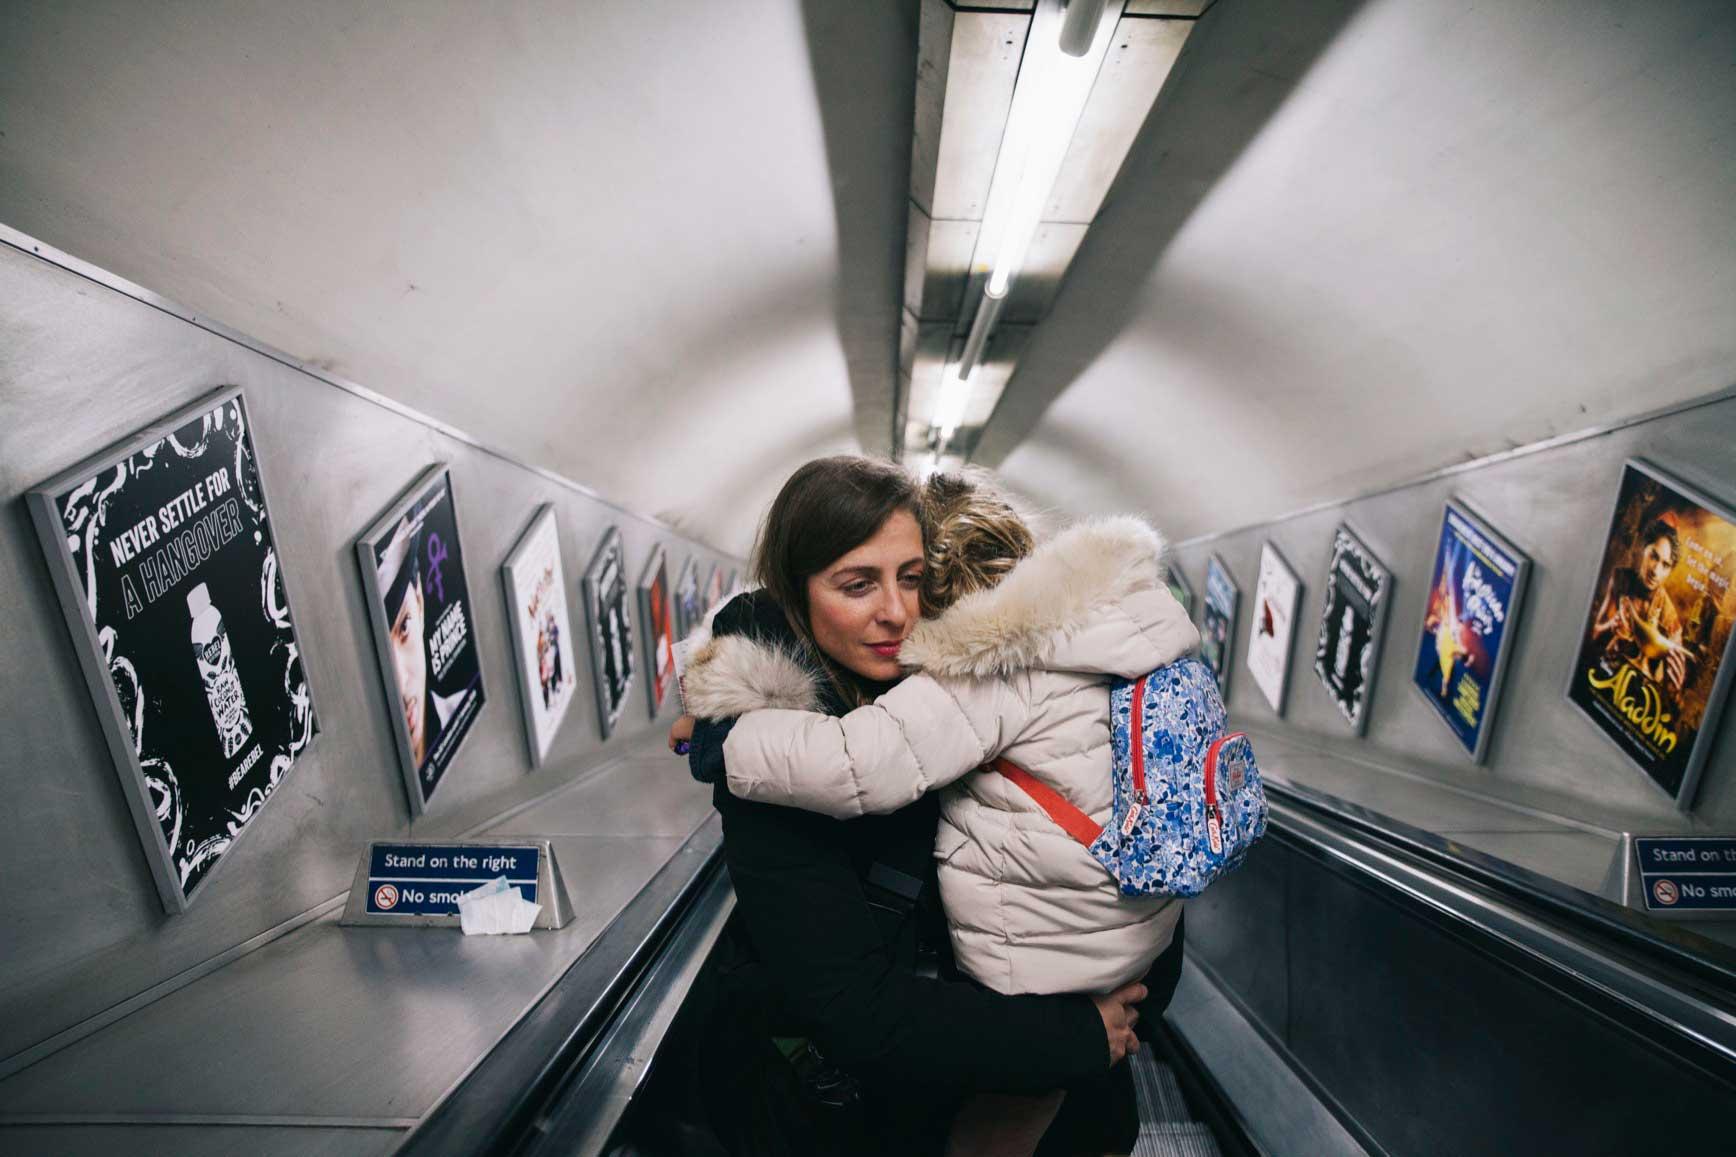 Londres_153